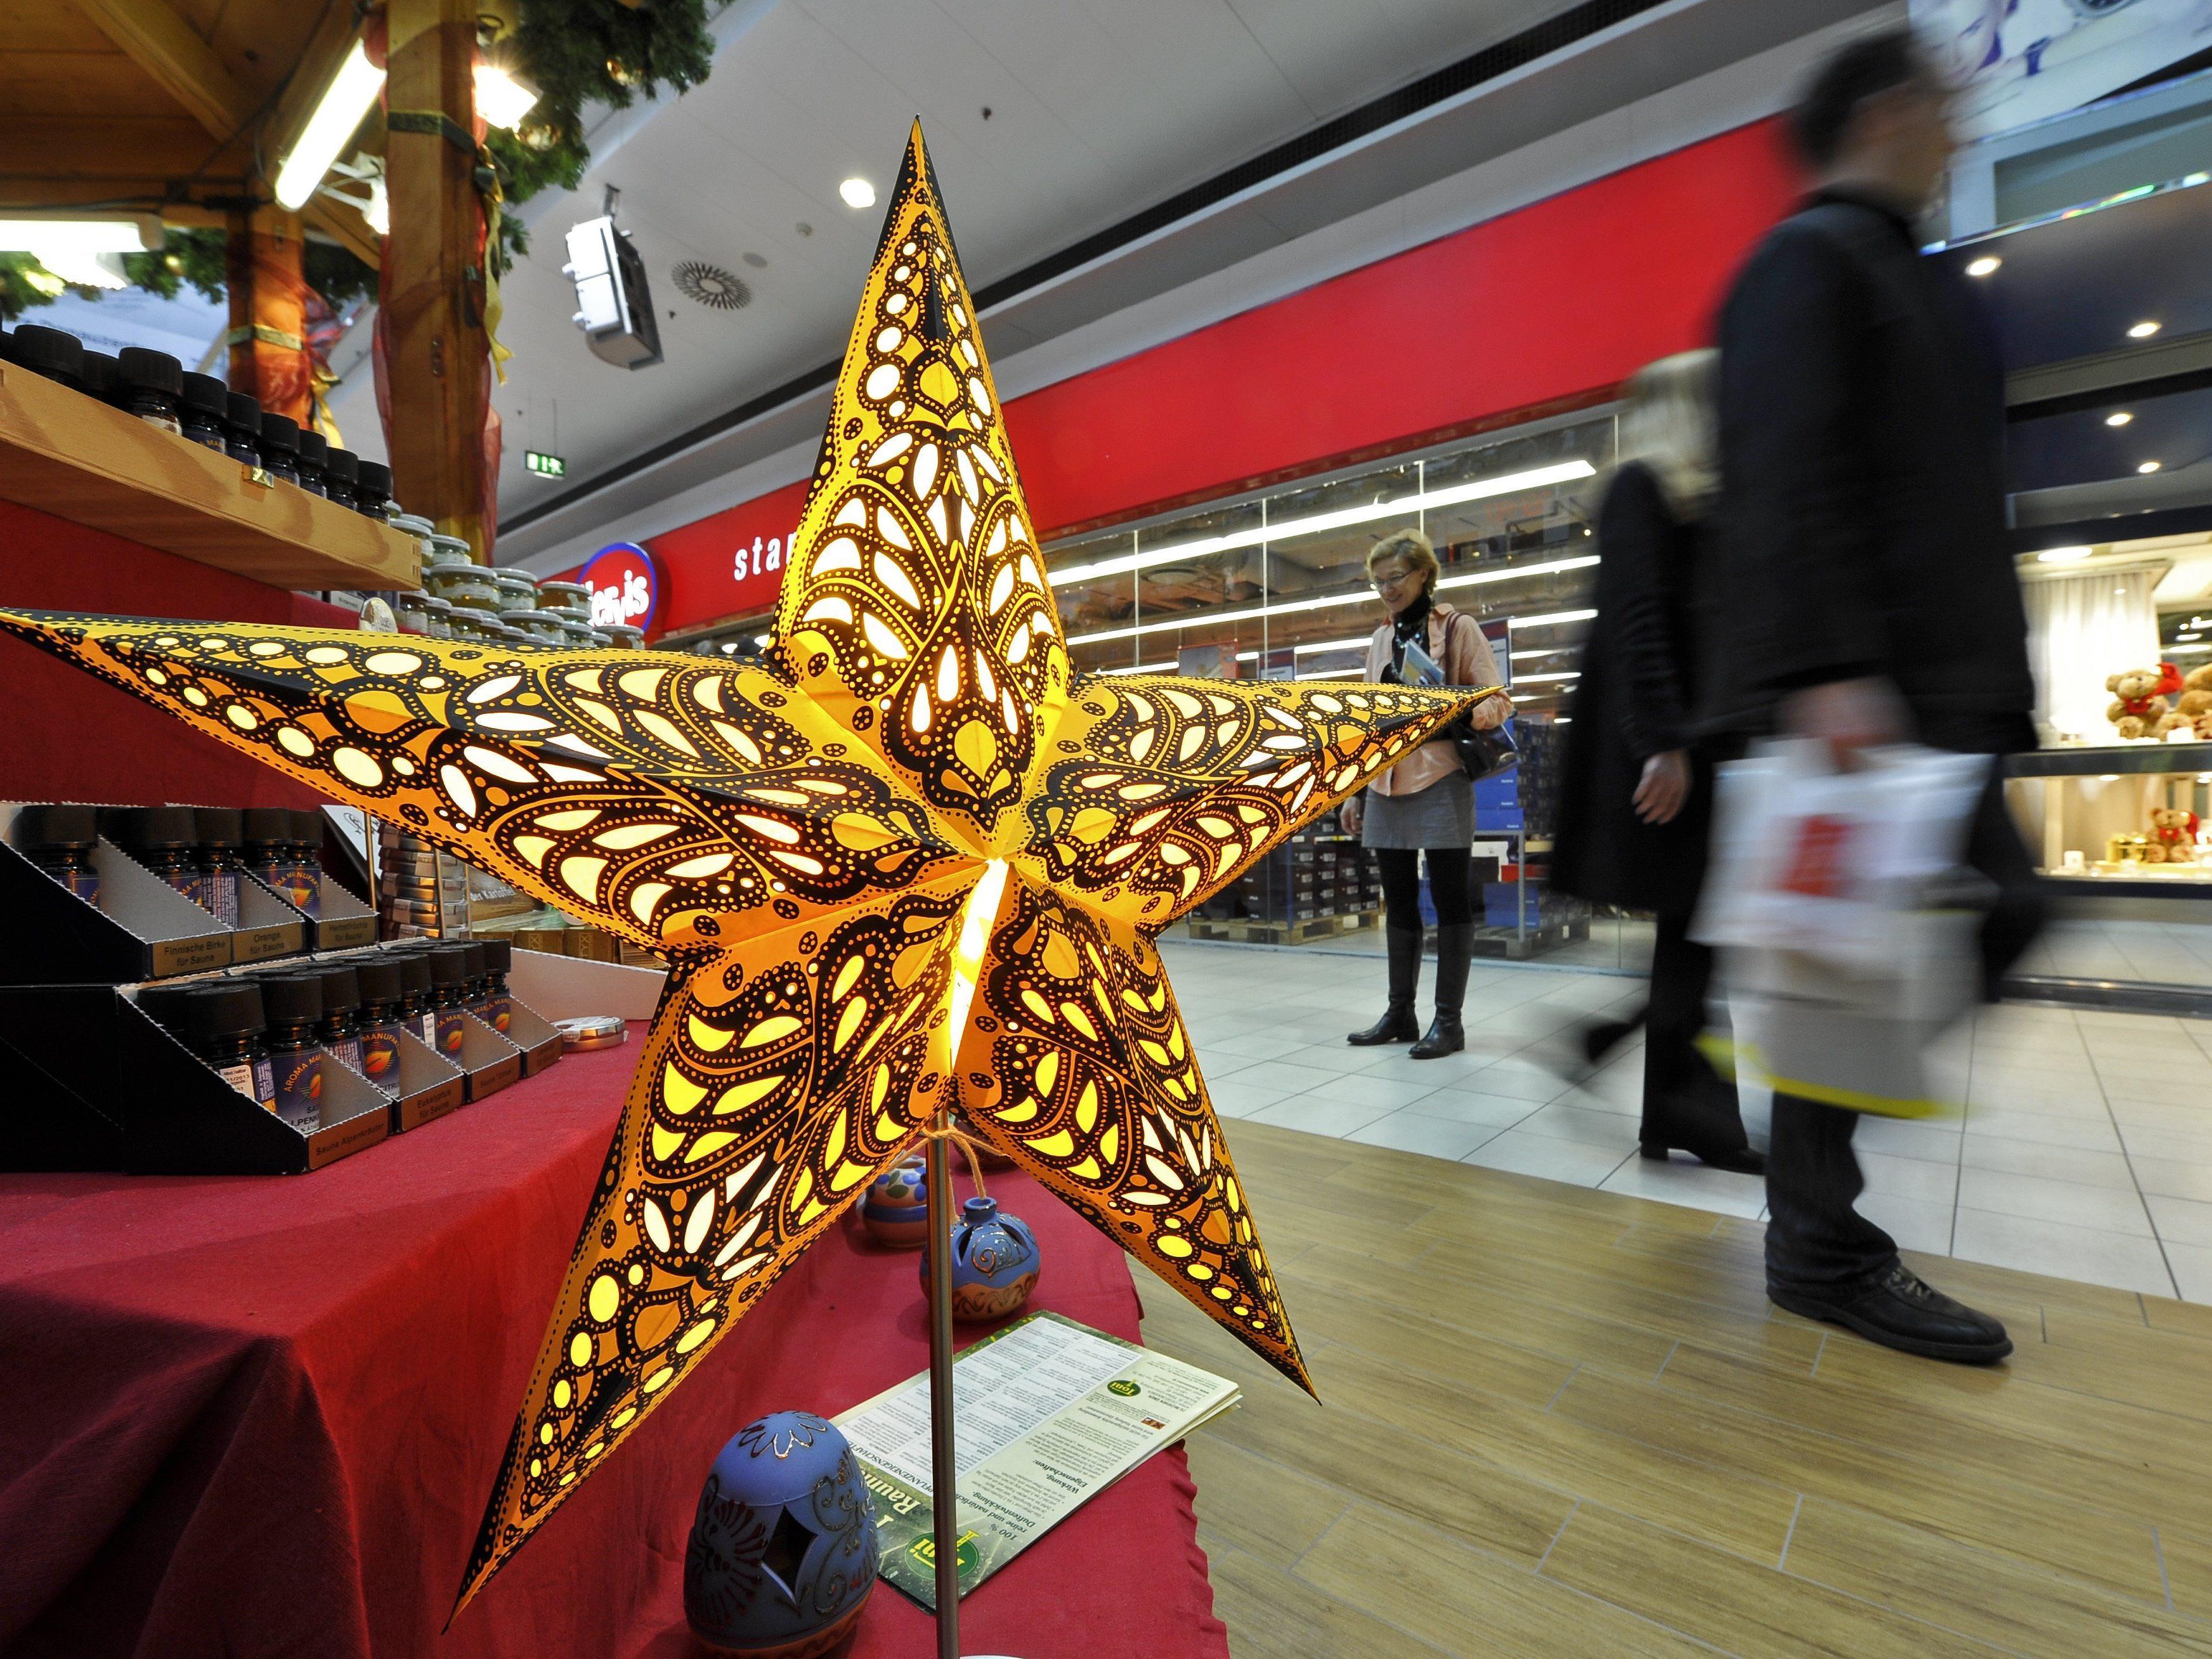 Weihnachtsgeschäft - Wien erwartet 42. Mio. Euro Umsatz zum Auftakt